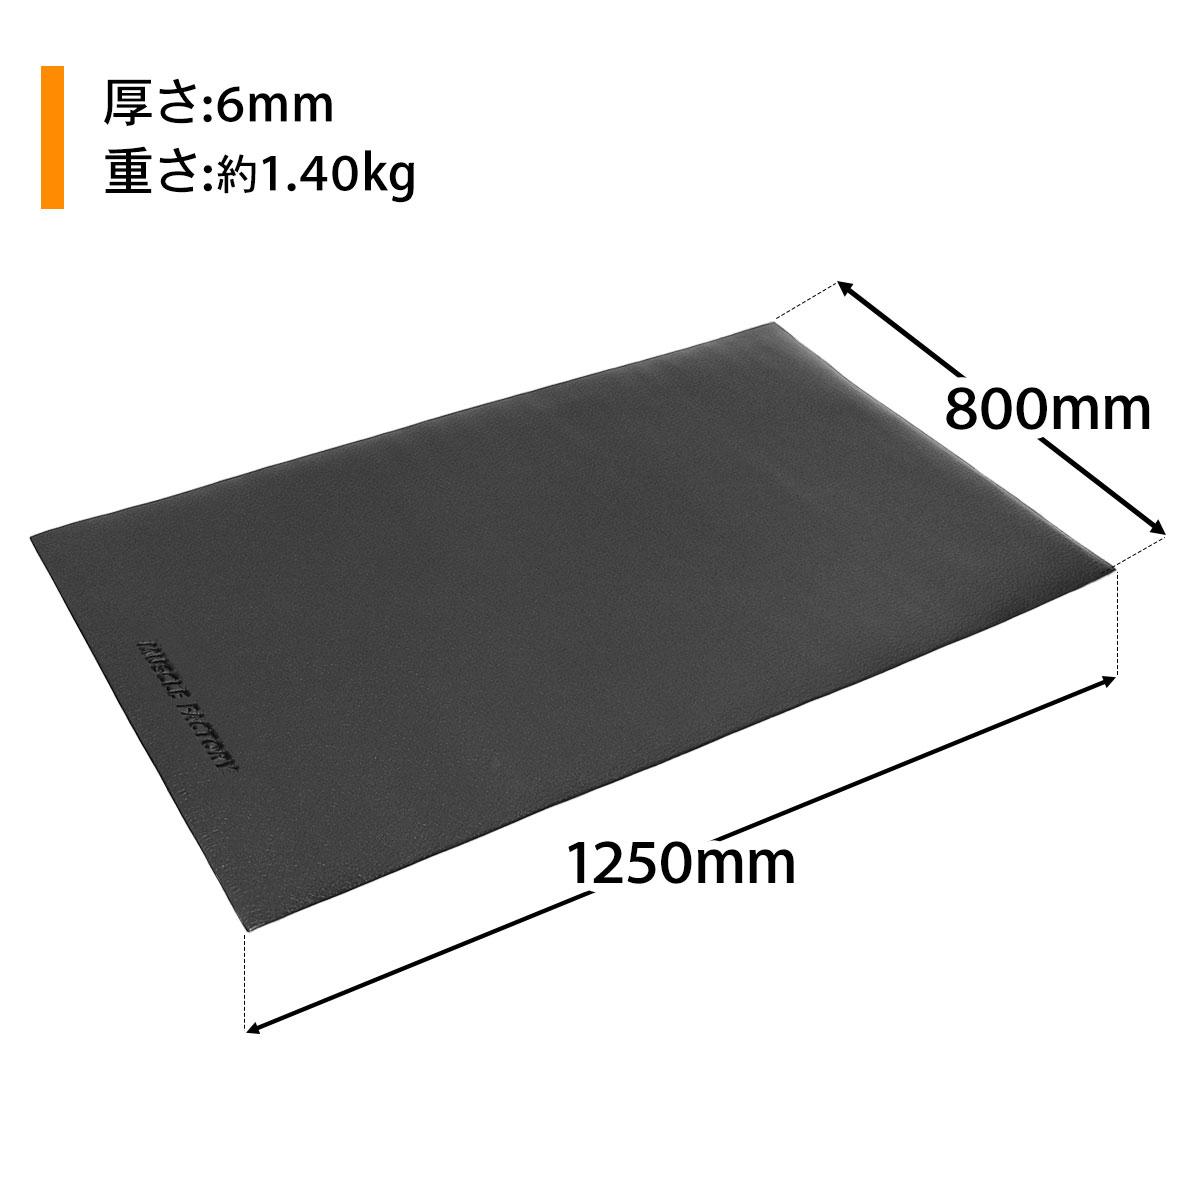 フロアマット ベンチマット 筋トレ マット ヨガマット 防傷 防音 PVC 1250*800*6mm